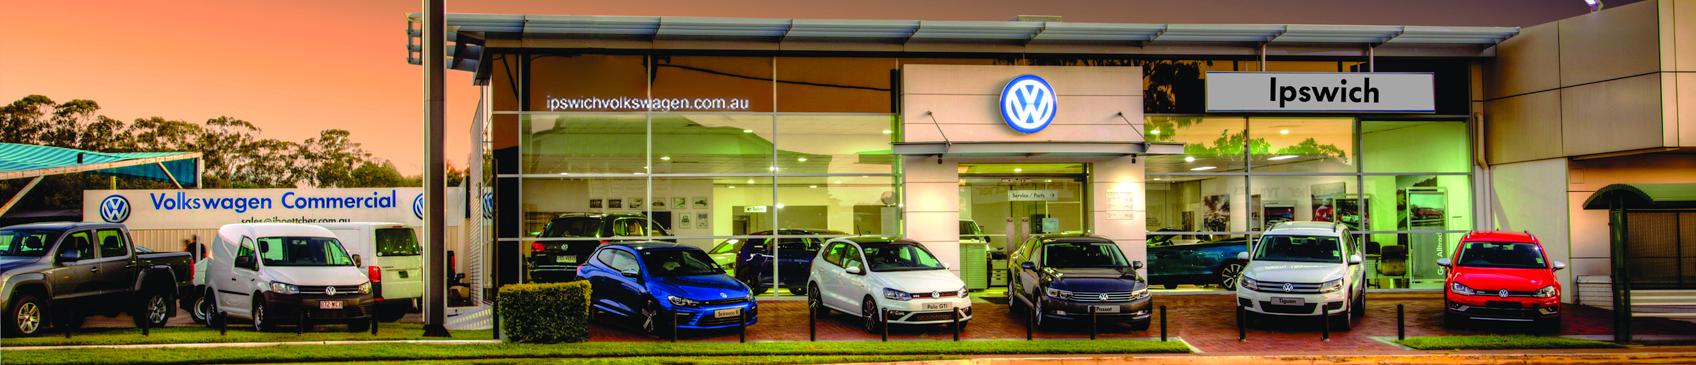 About Ipswich Volkswagen In Ipswich Brisbane Ipswich